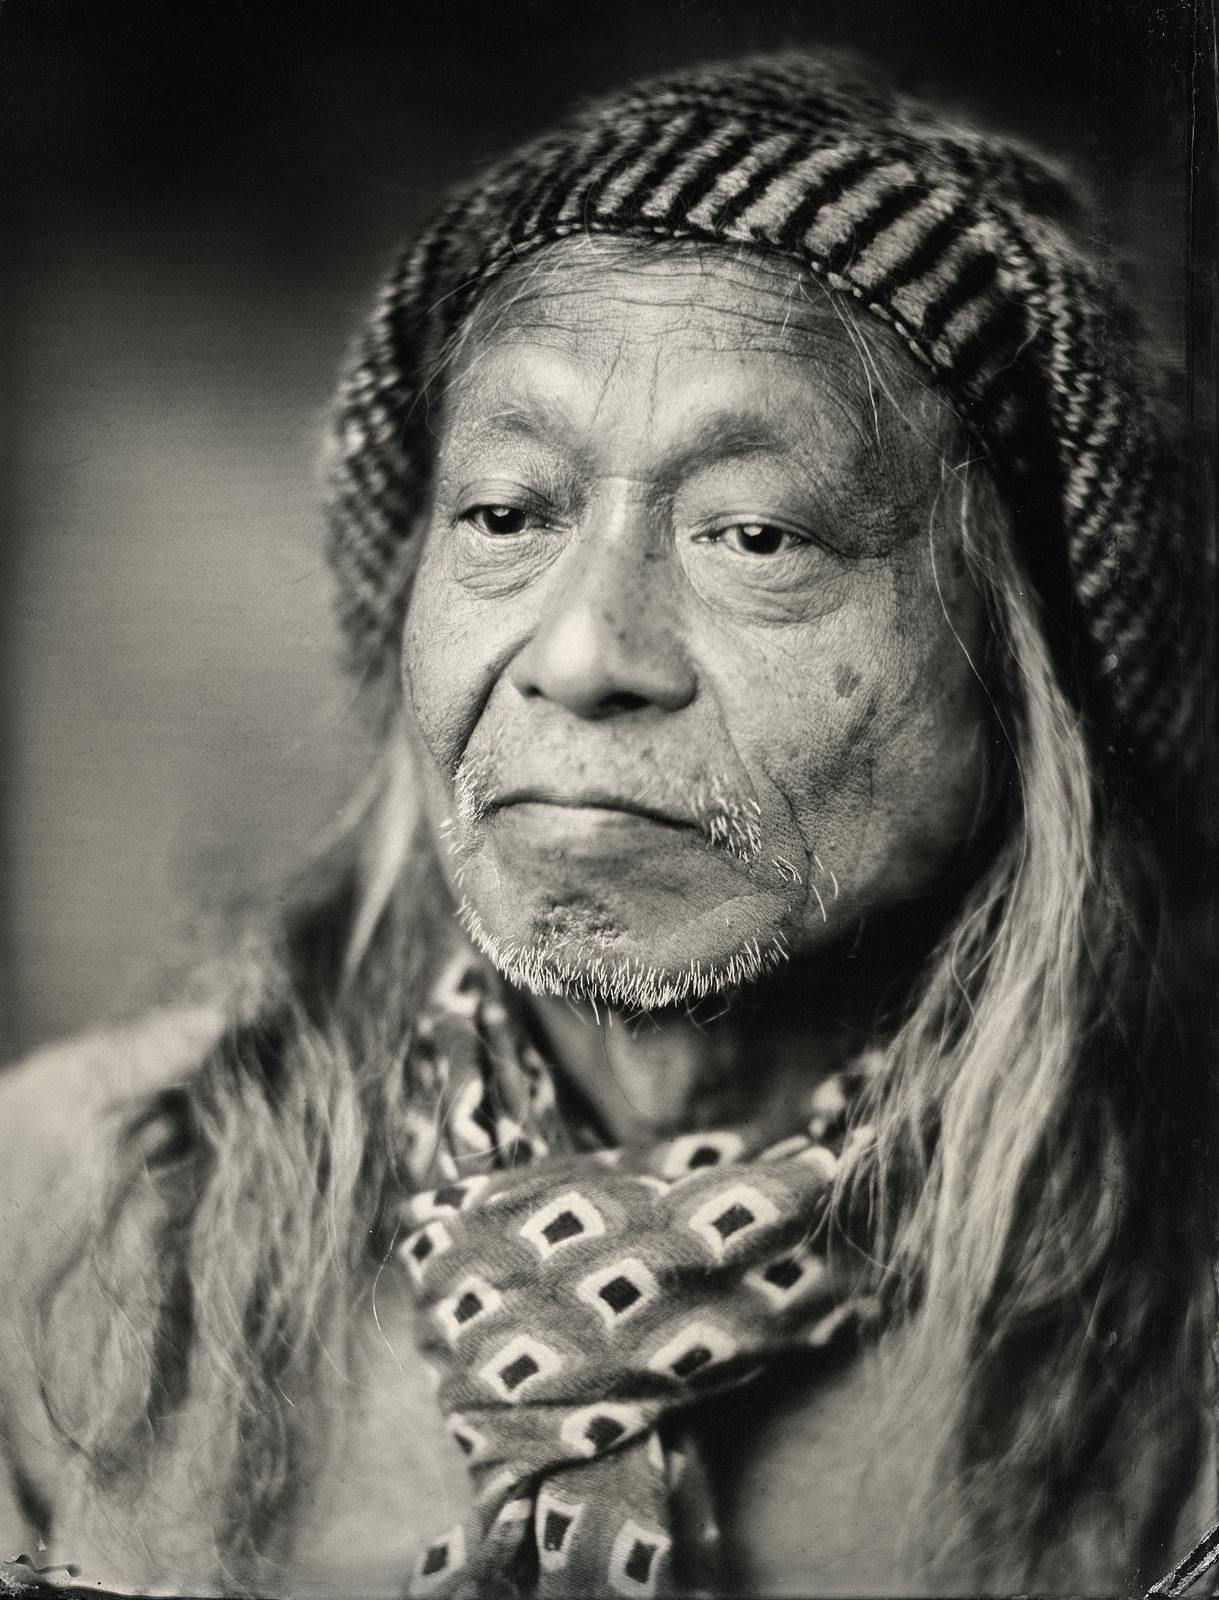 Damo Suzuki by Gareth Jarvis